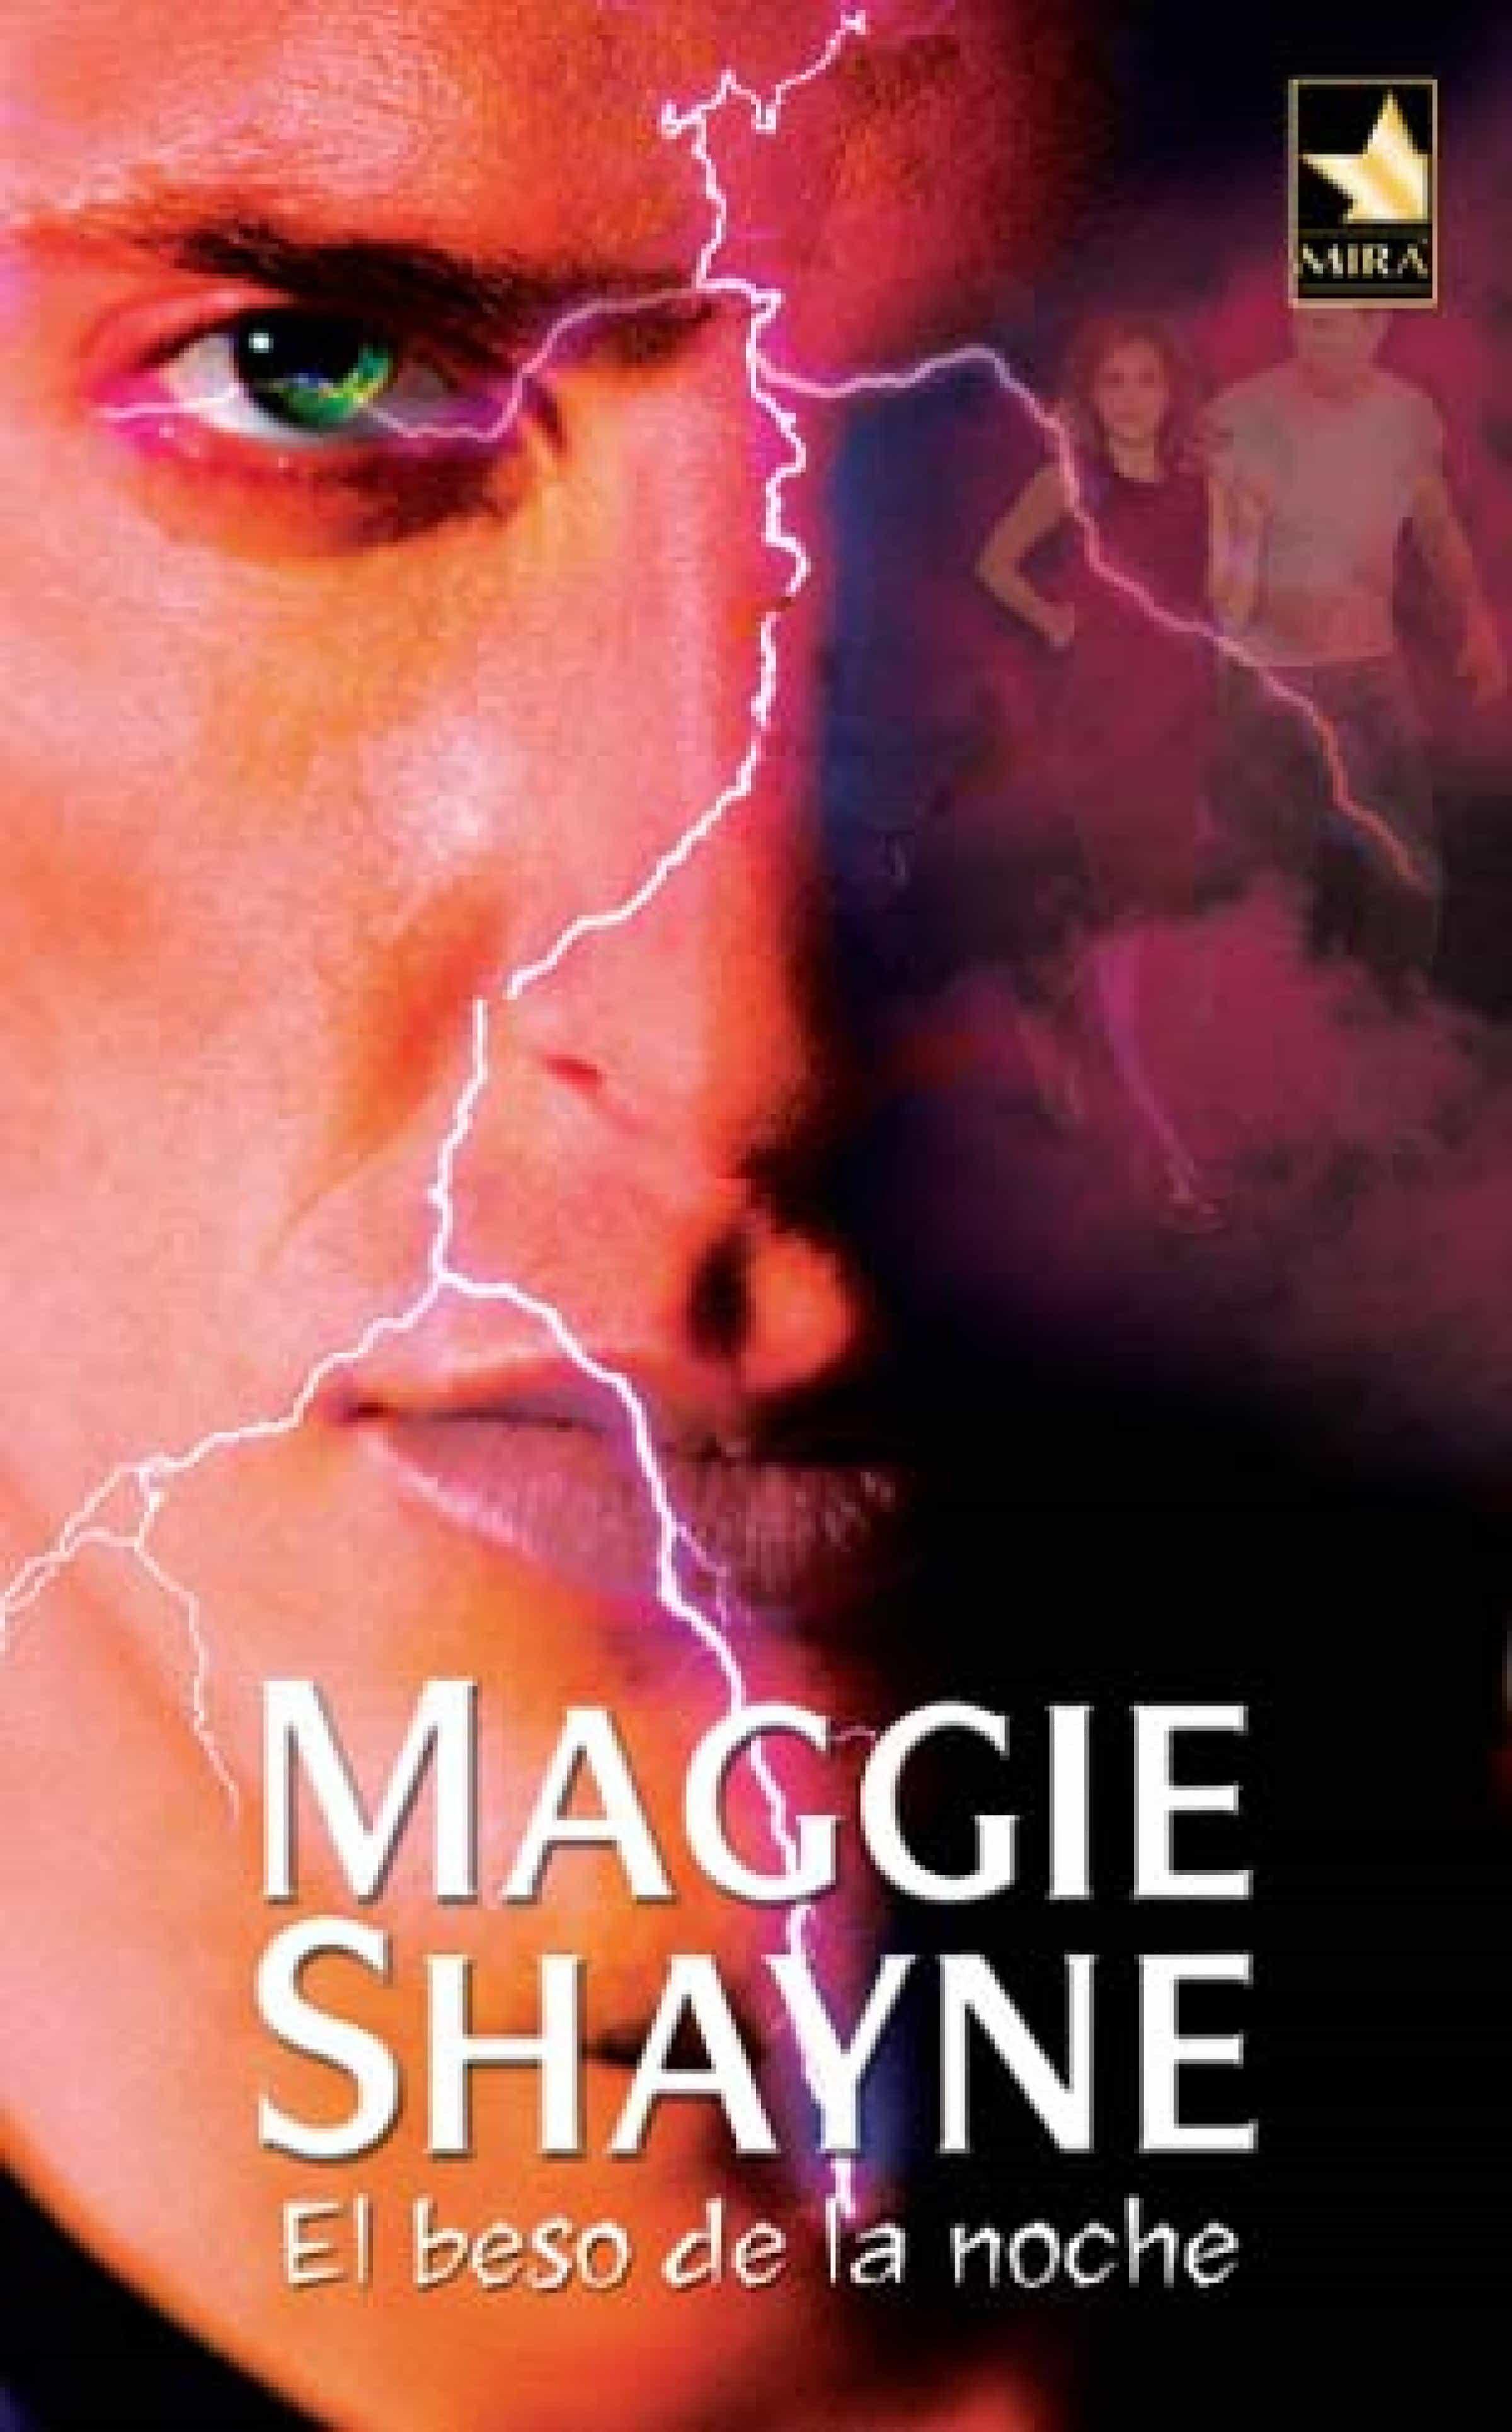 maggie shayne el beso de la noche